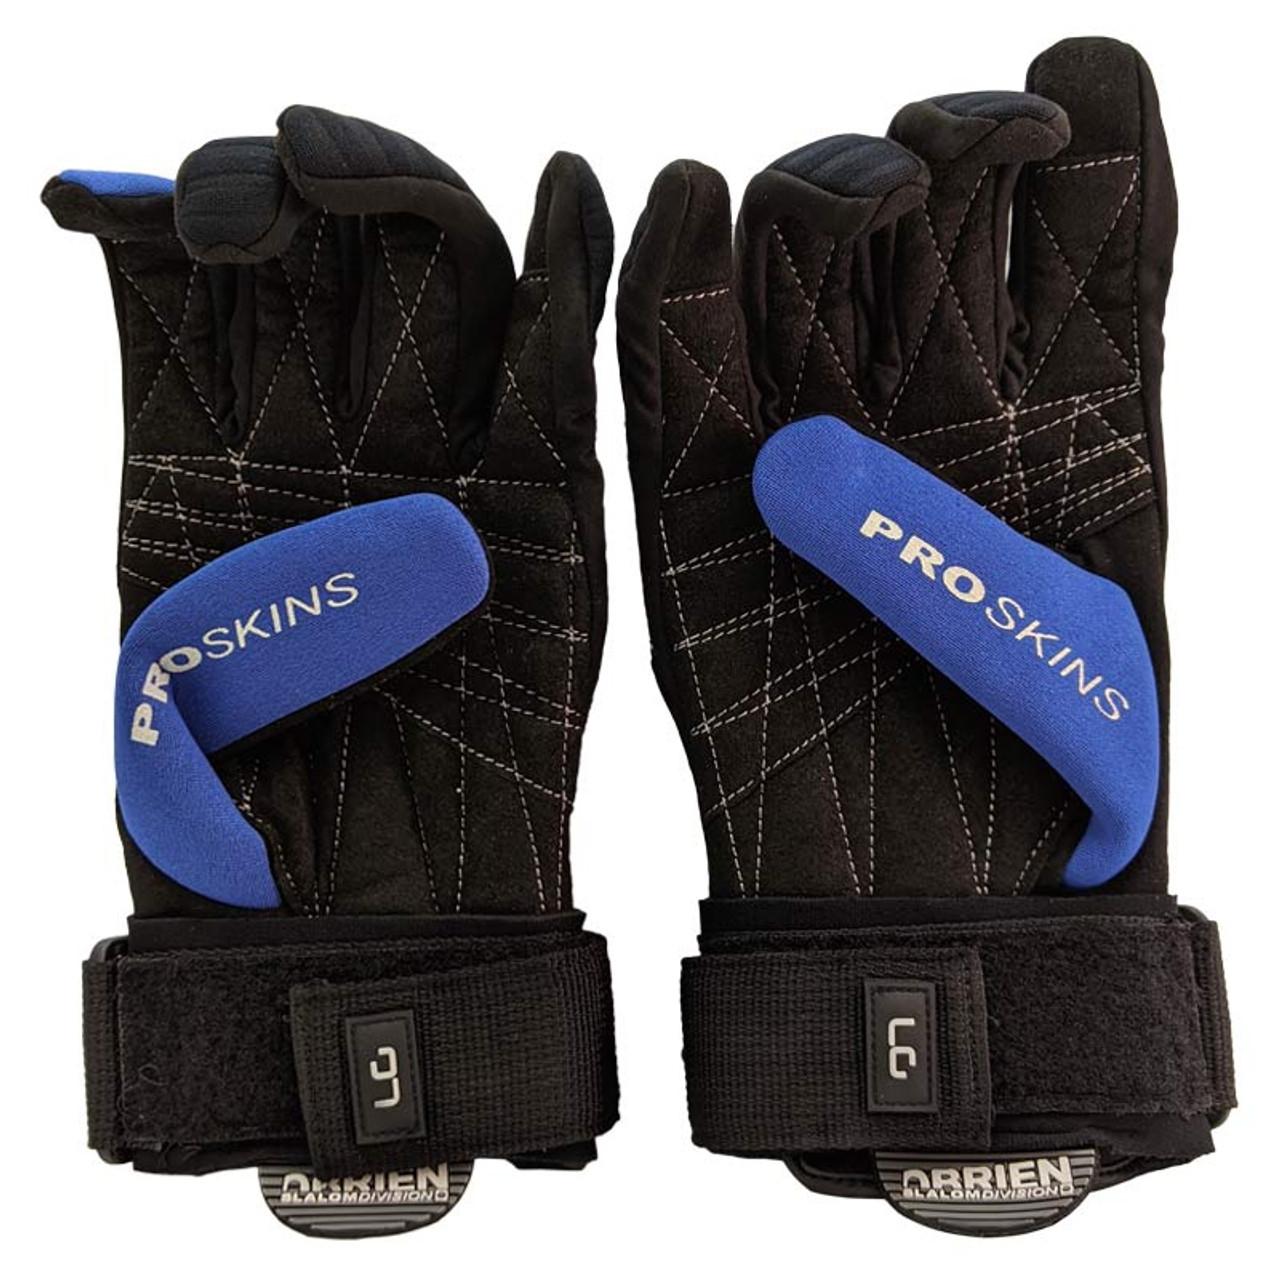 Obrien Pro Skin Watersport Gloves